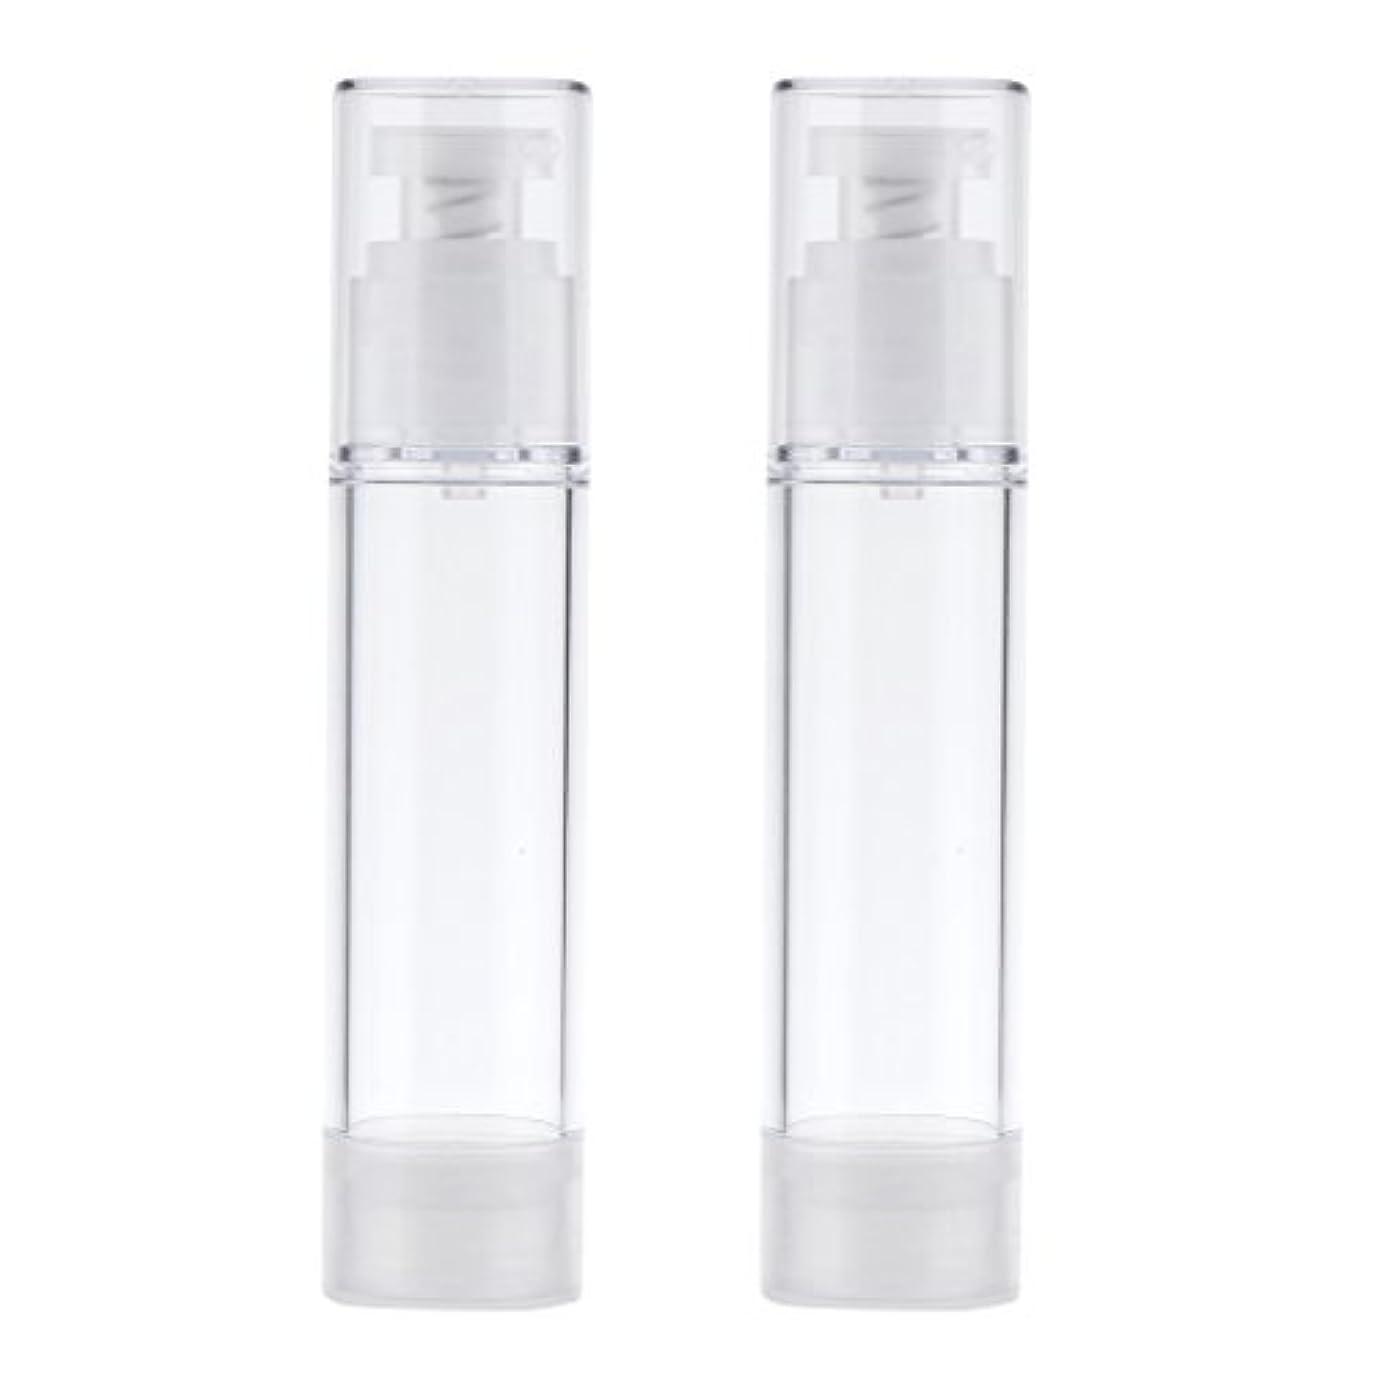 あいまいなジャケットダイヤモンドBlesiya 2個 空ボトル ポンプボトル ローション コスメ ティック クリームボトル エアレスポンプディスペンサー 3サイズ選べる - 50ml